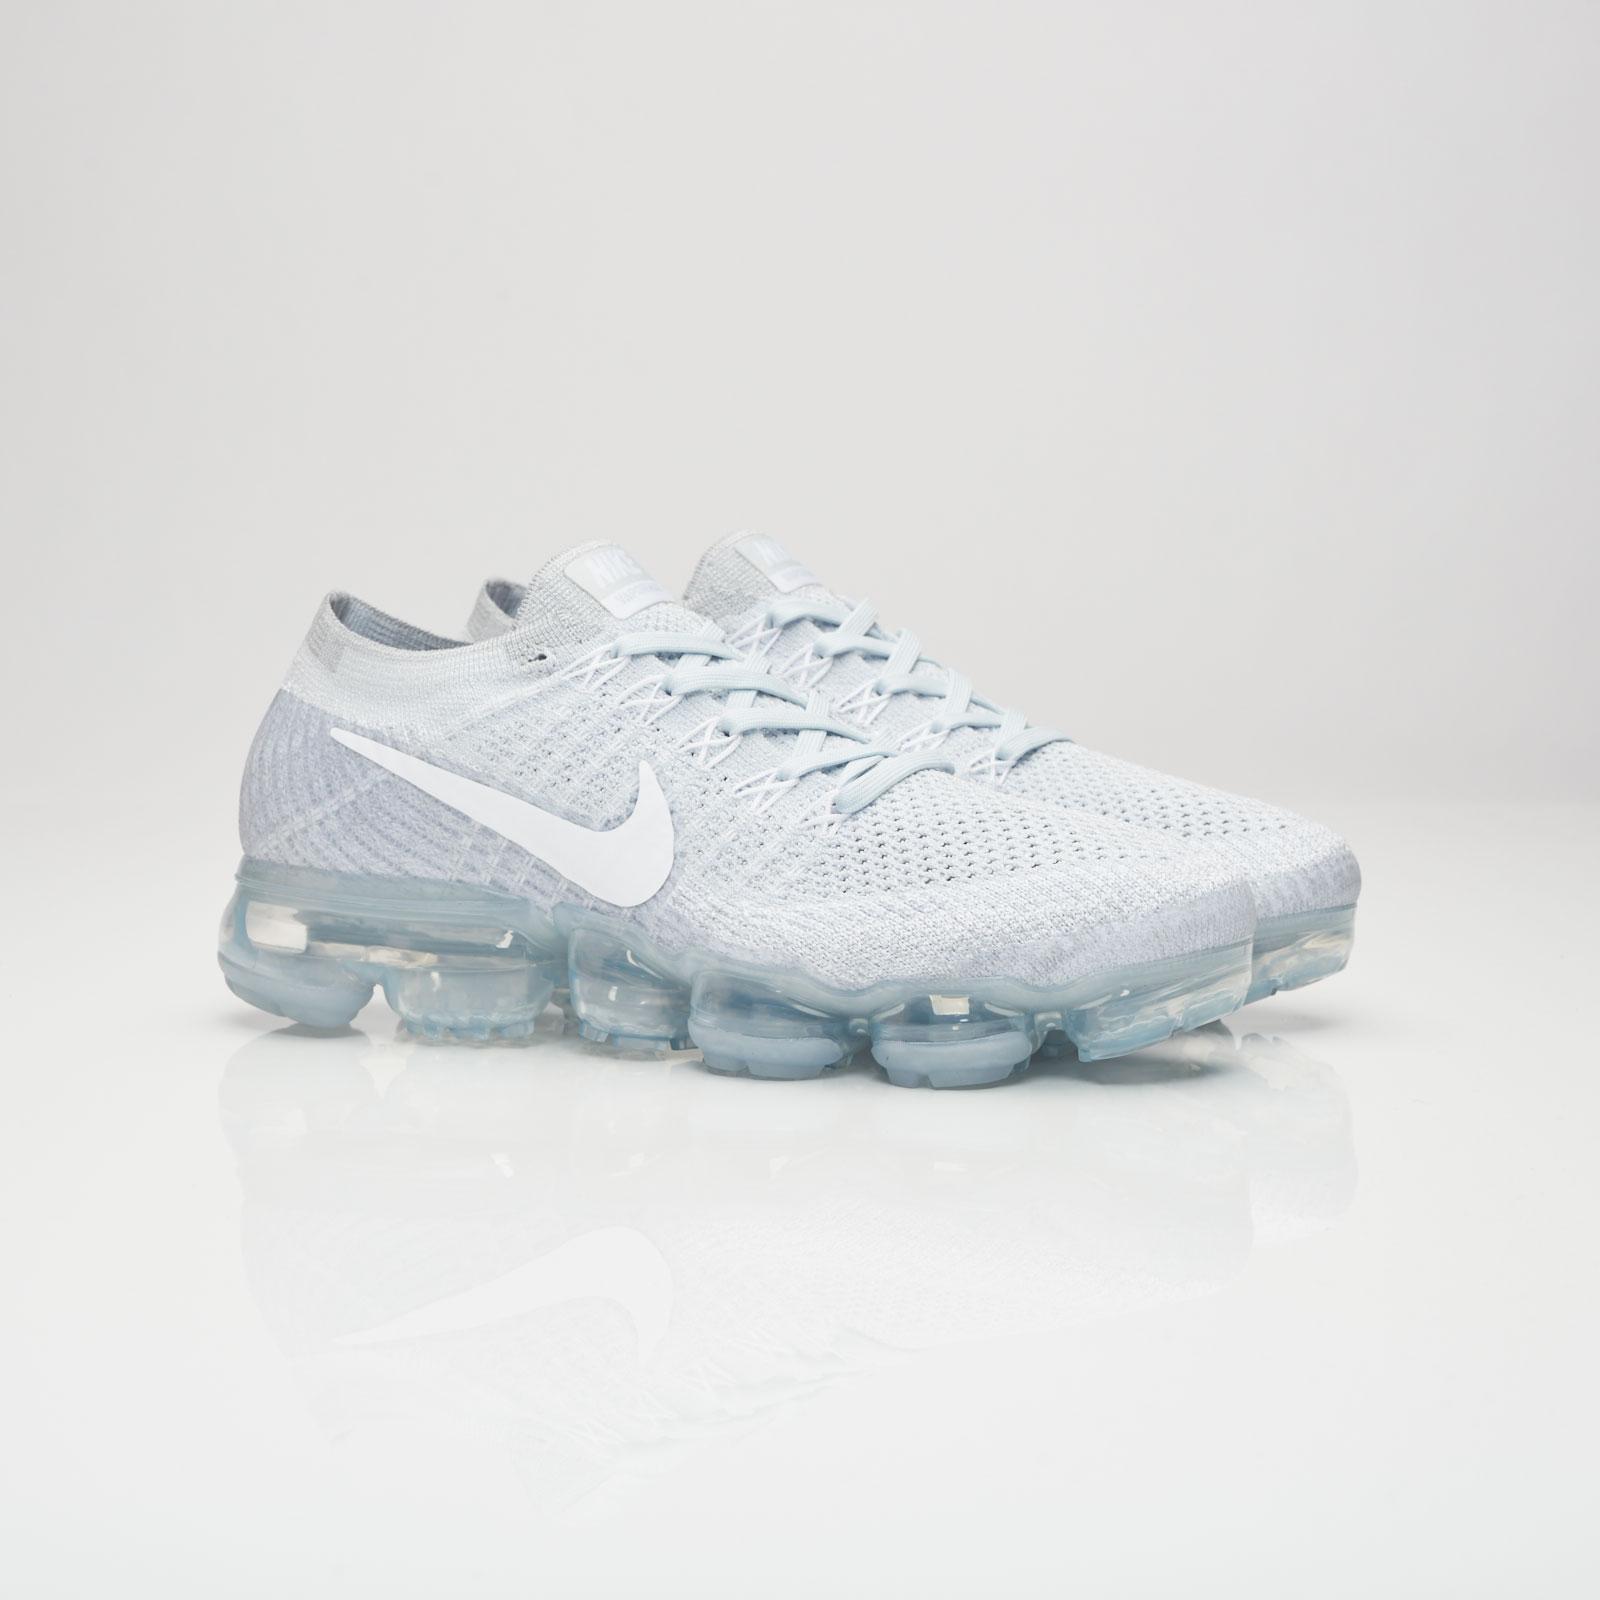 9a7df0897d Nike Wmns Air Vapormax Flyknit - 849557-004 - Sneakersnstuff ...